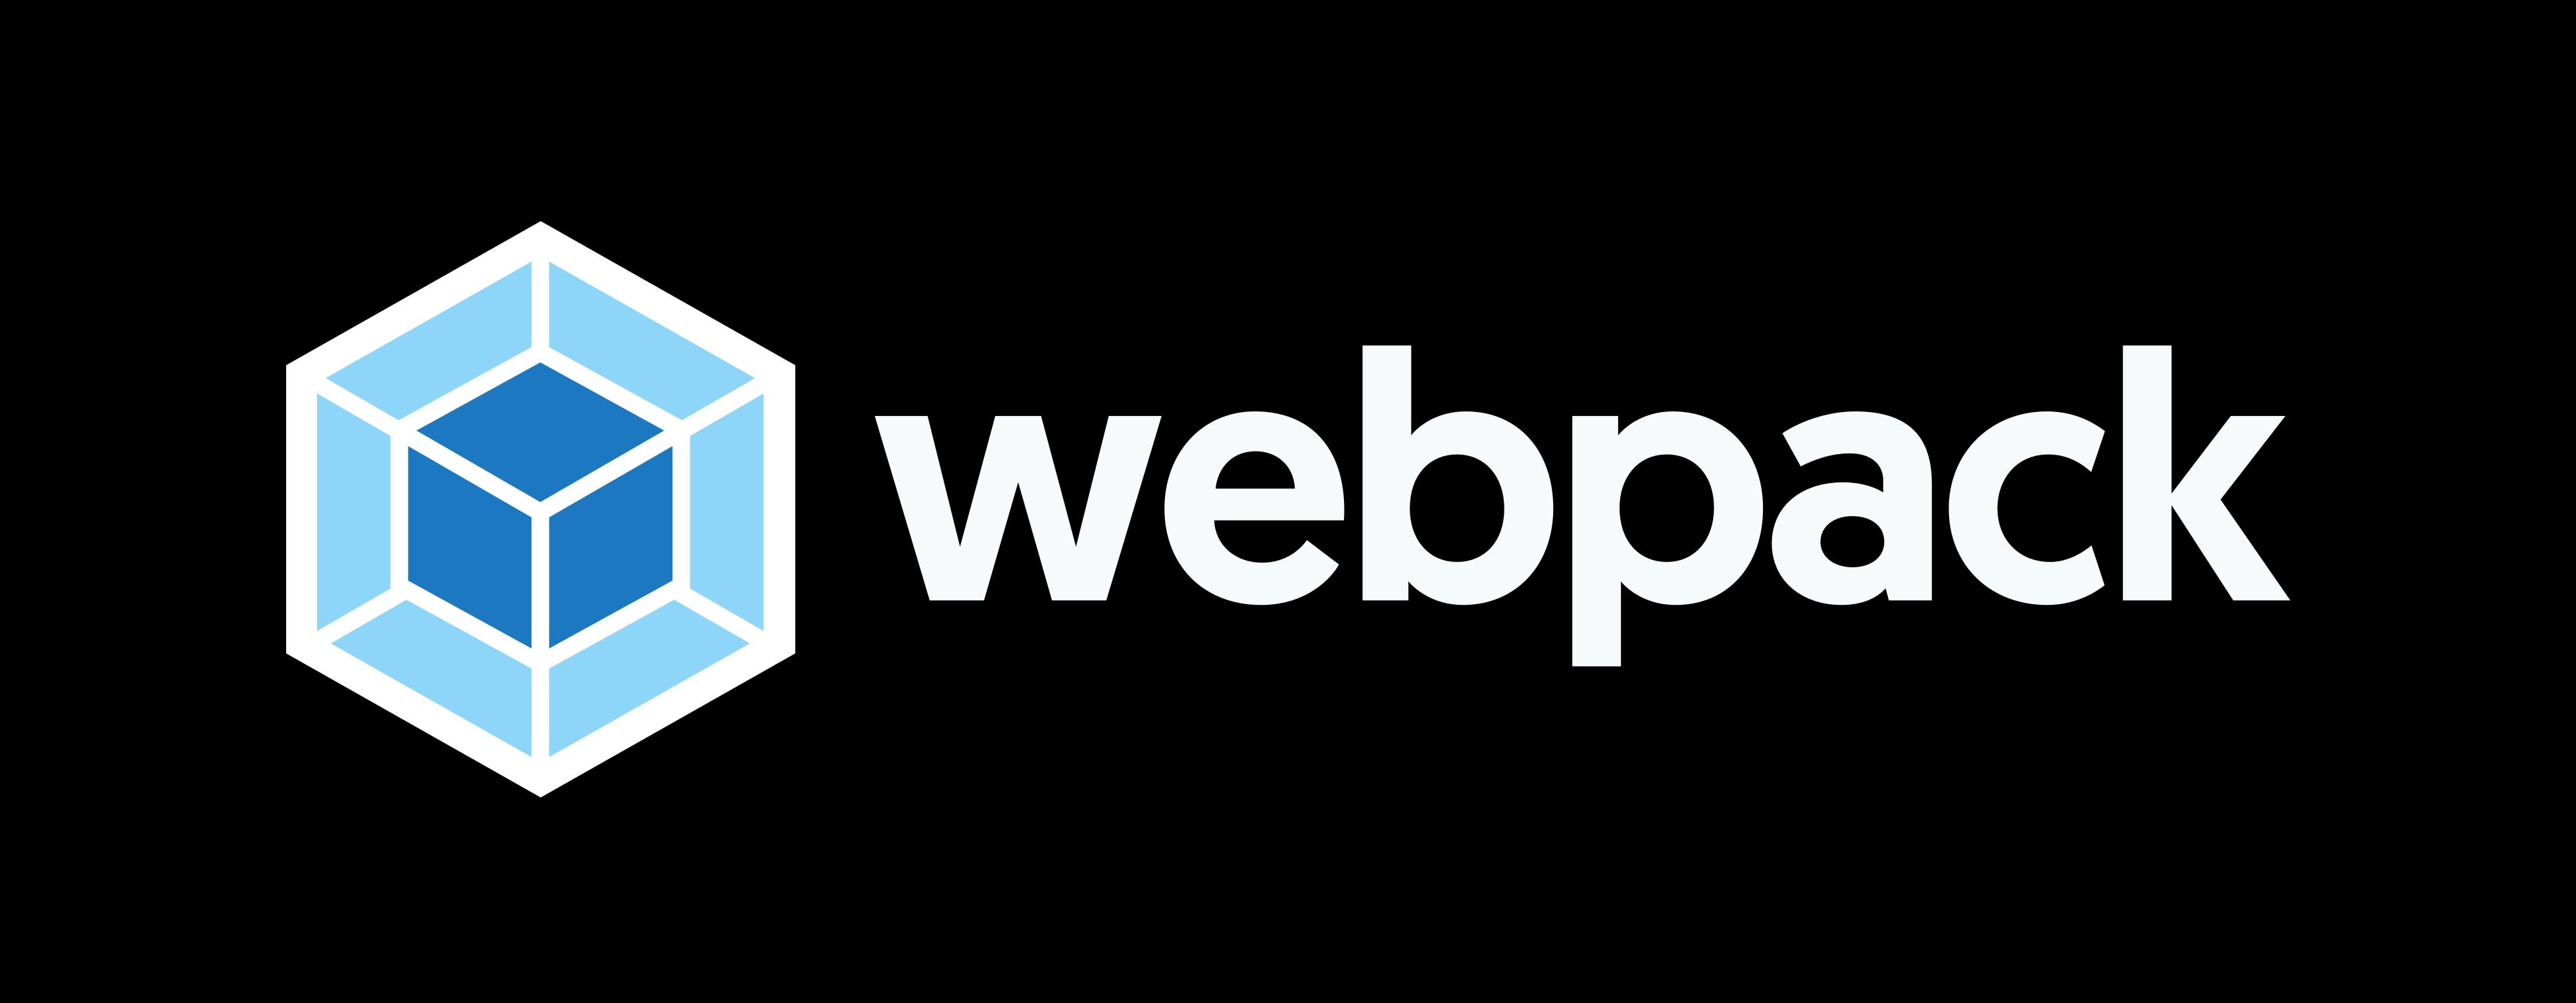 webpack developer outfitters Logo